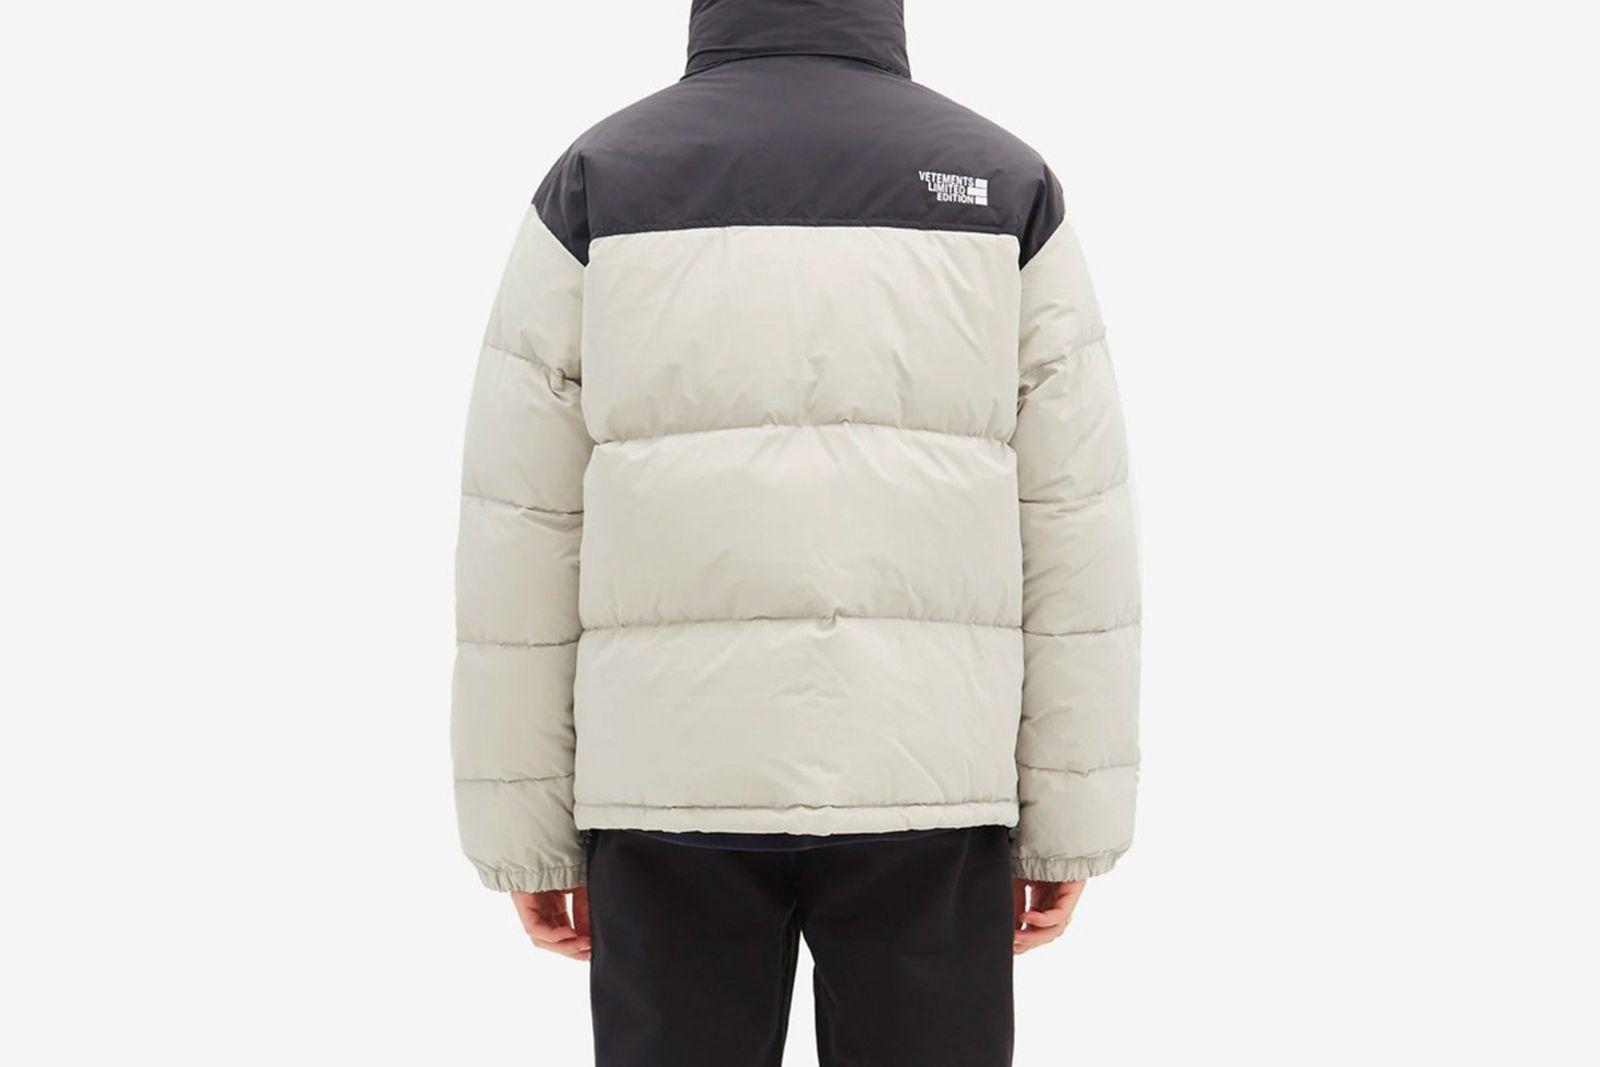 vetements-tnf-style-puffer-jacket-01